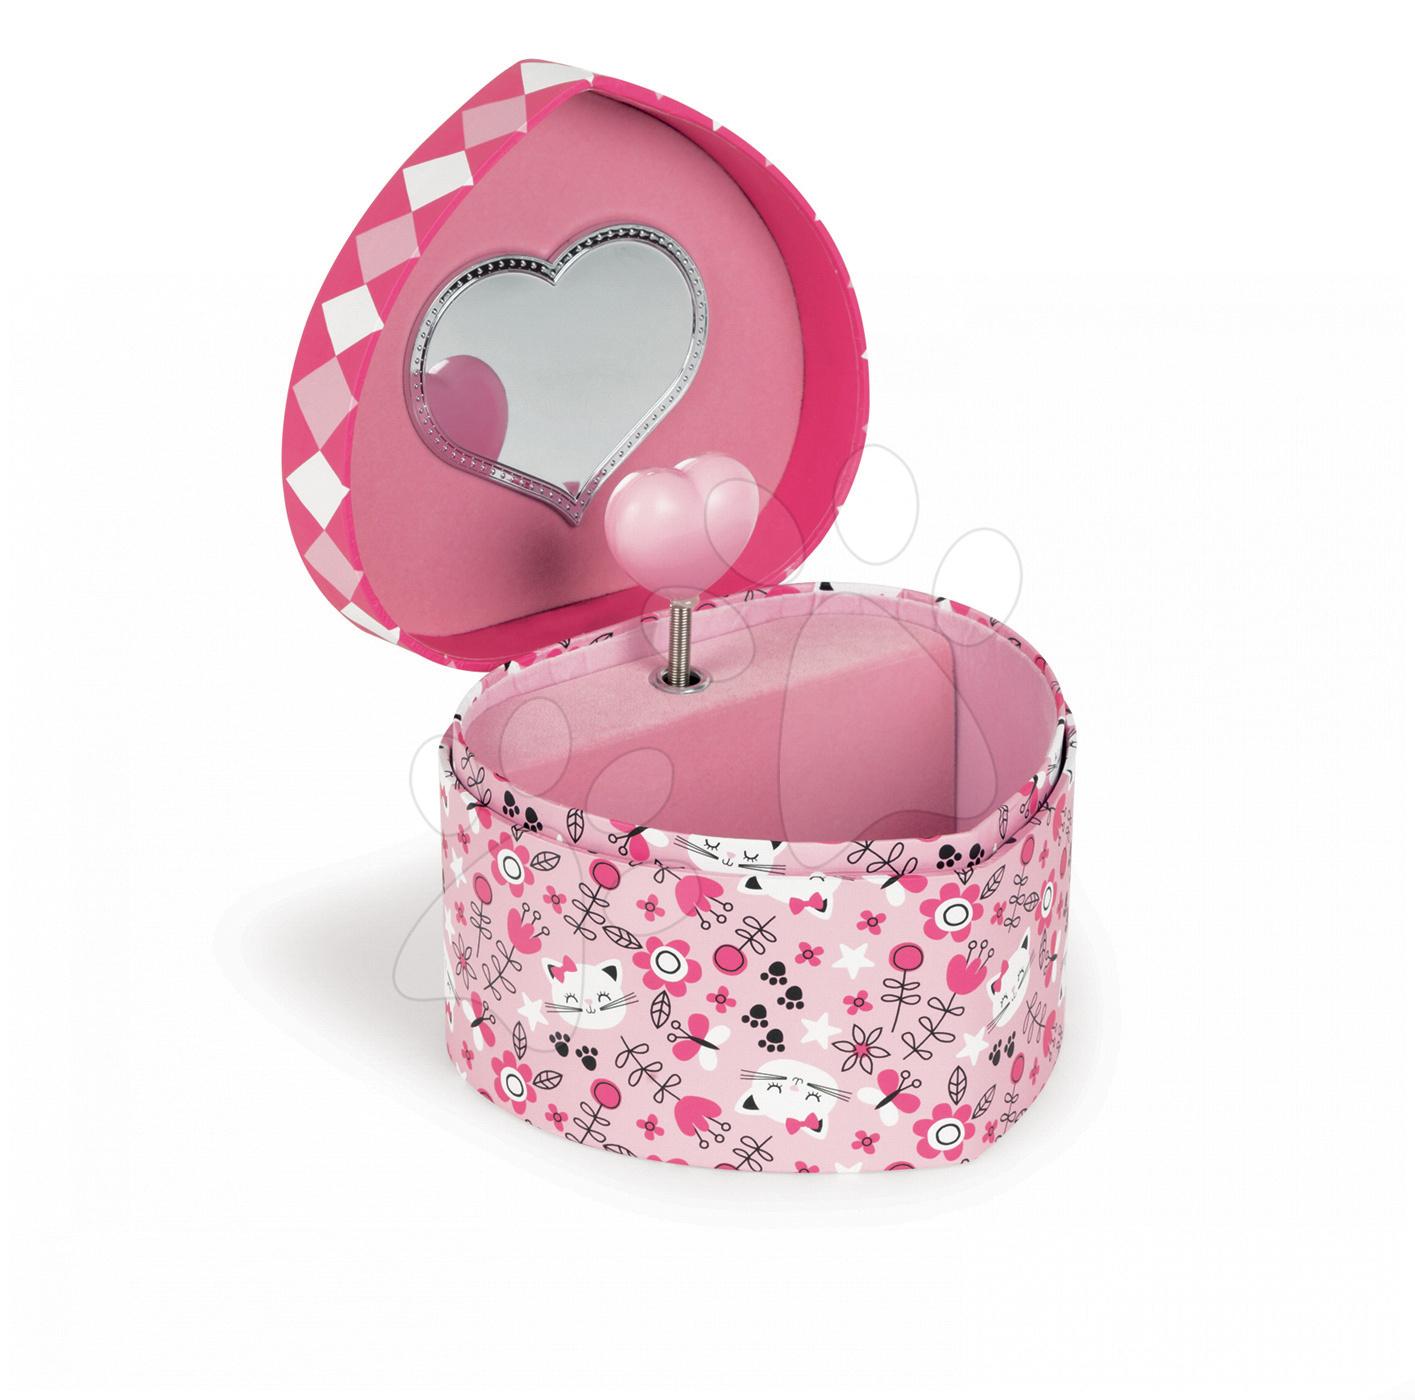 Hudební šperkovnice Jewellery Heart Musical Box-Cat Janod růžová ve tvaru srdíčka